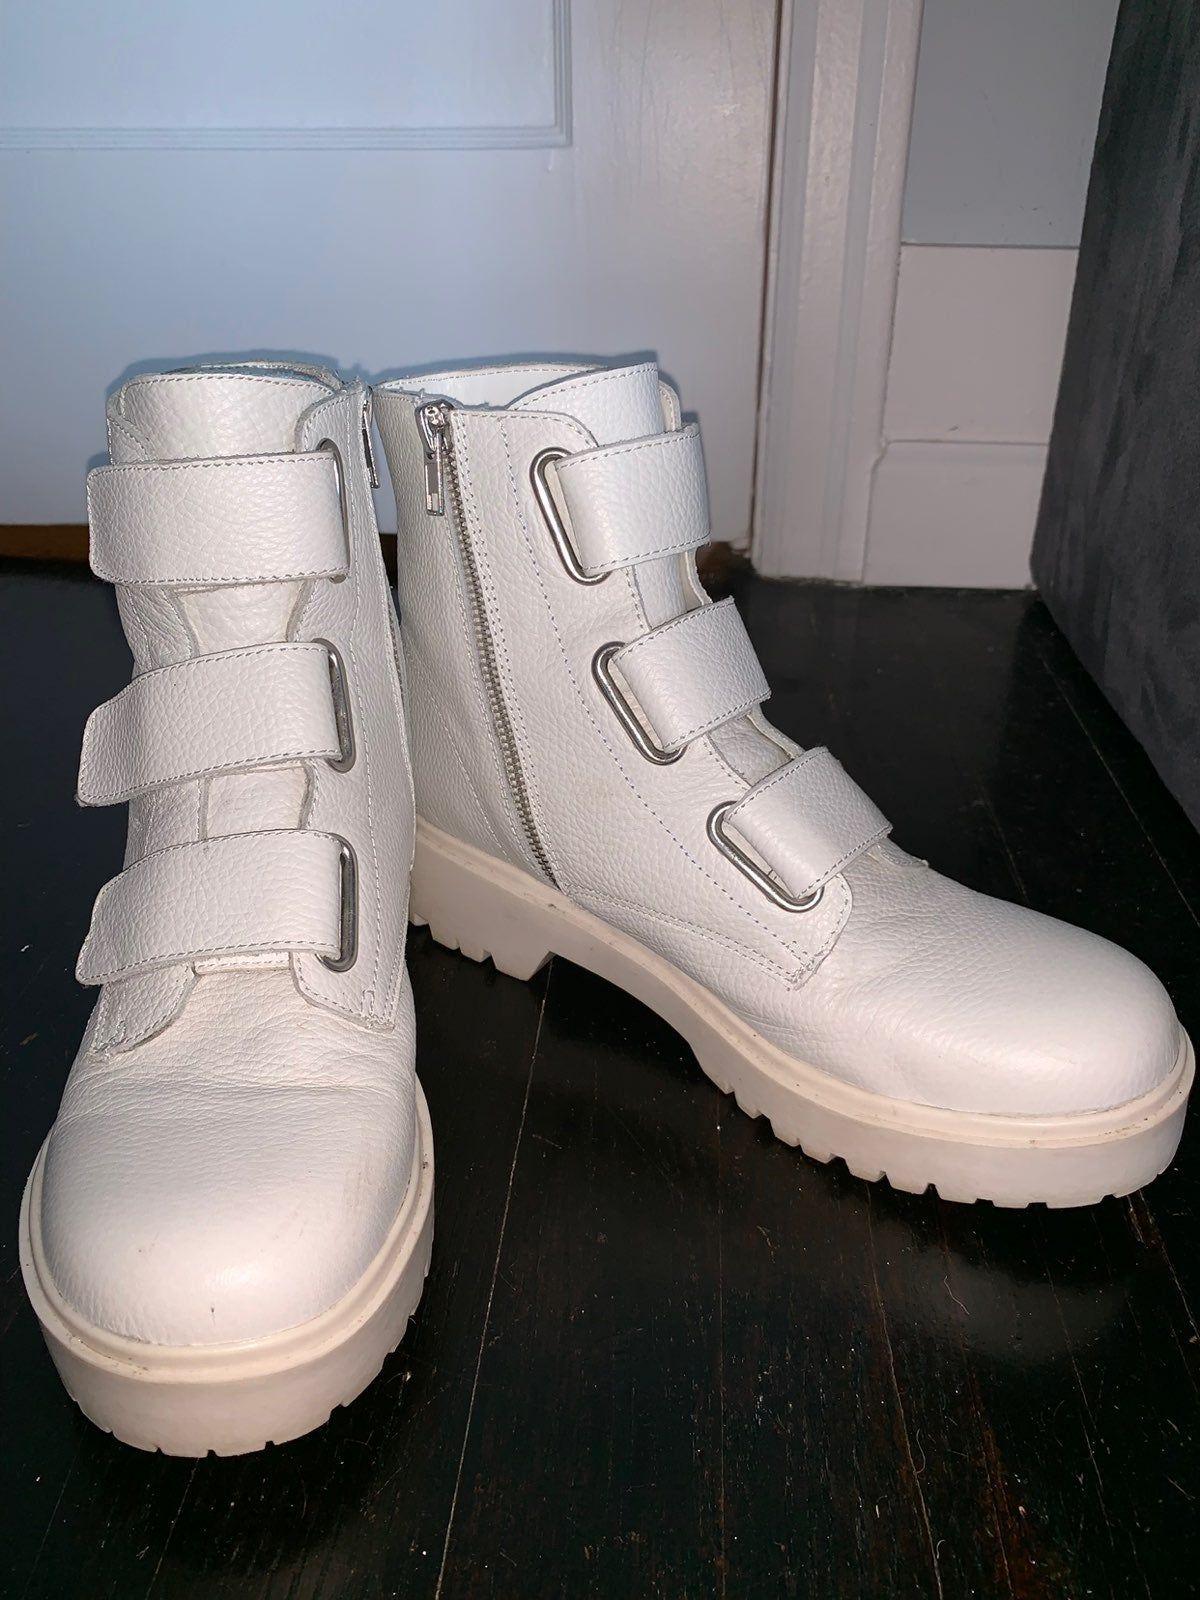 steve madden boots white